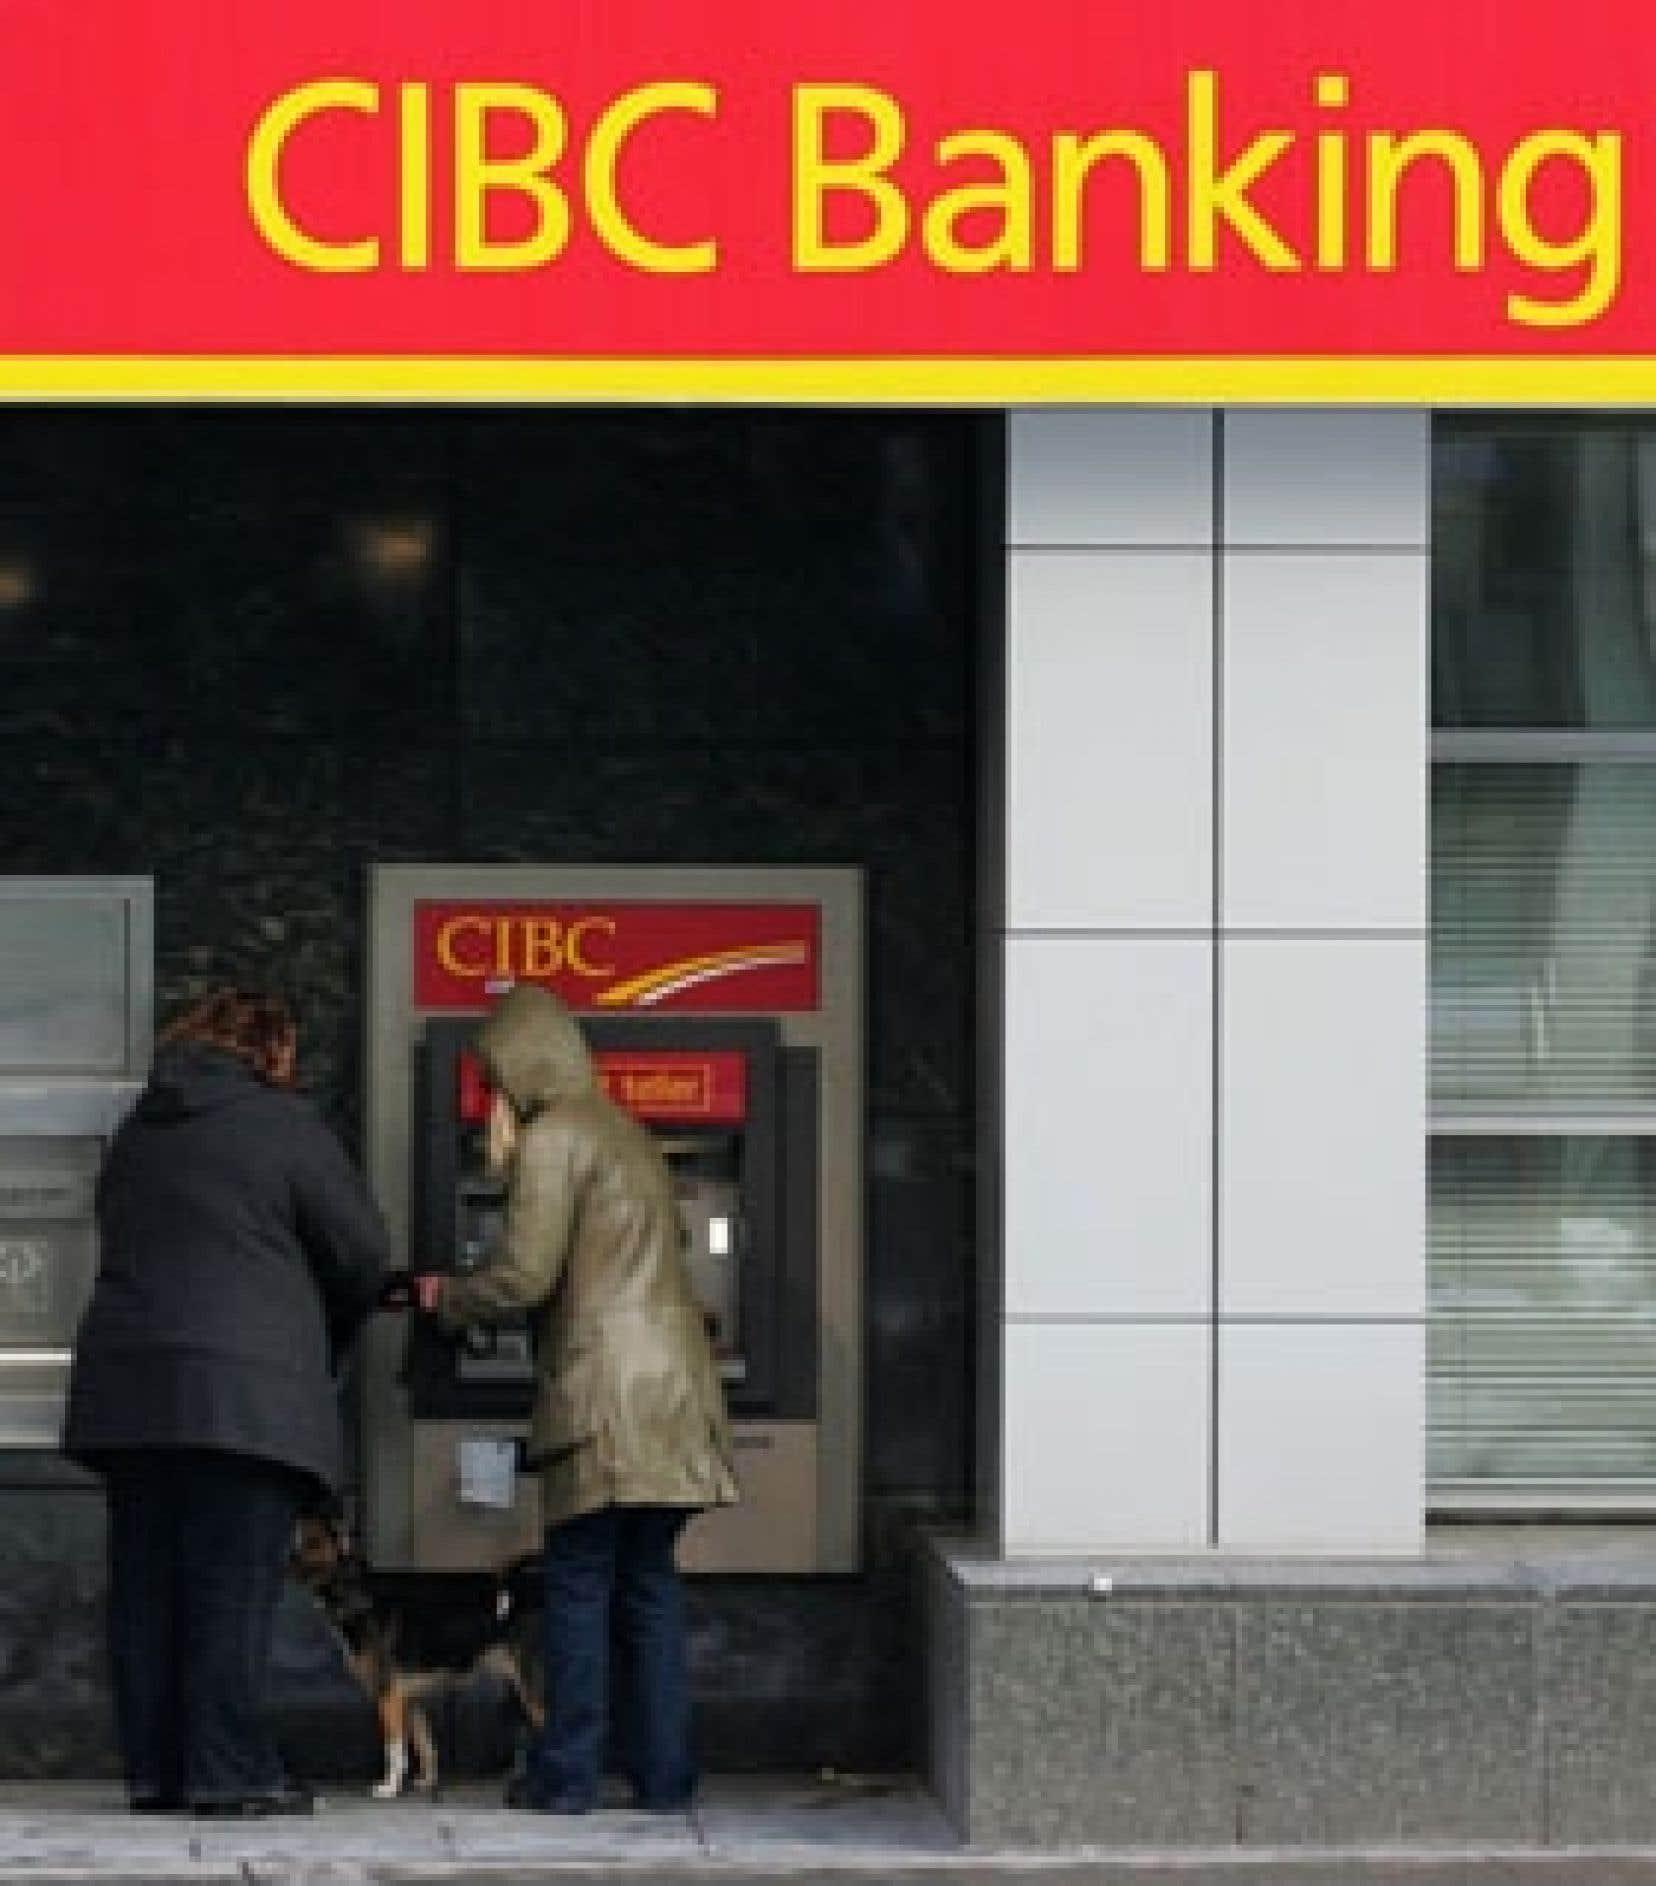 La cote de la CIBC est passée de Aa1 à Aa2, tout comme celle de la Banque Nationale.